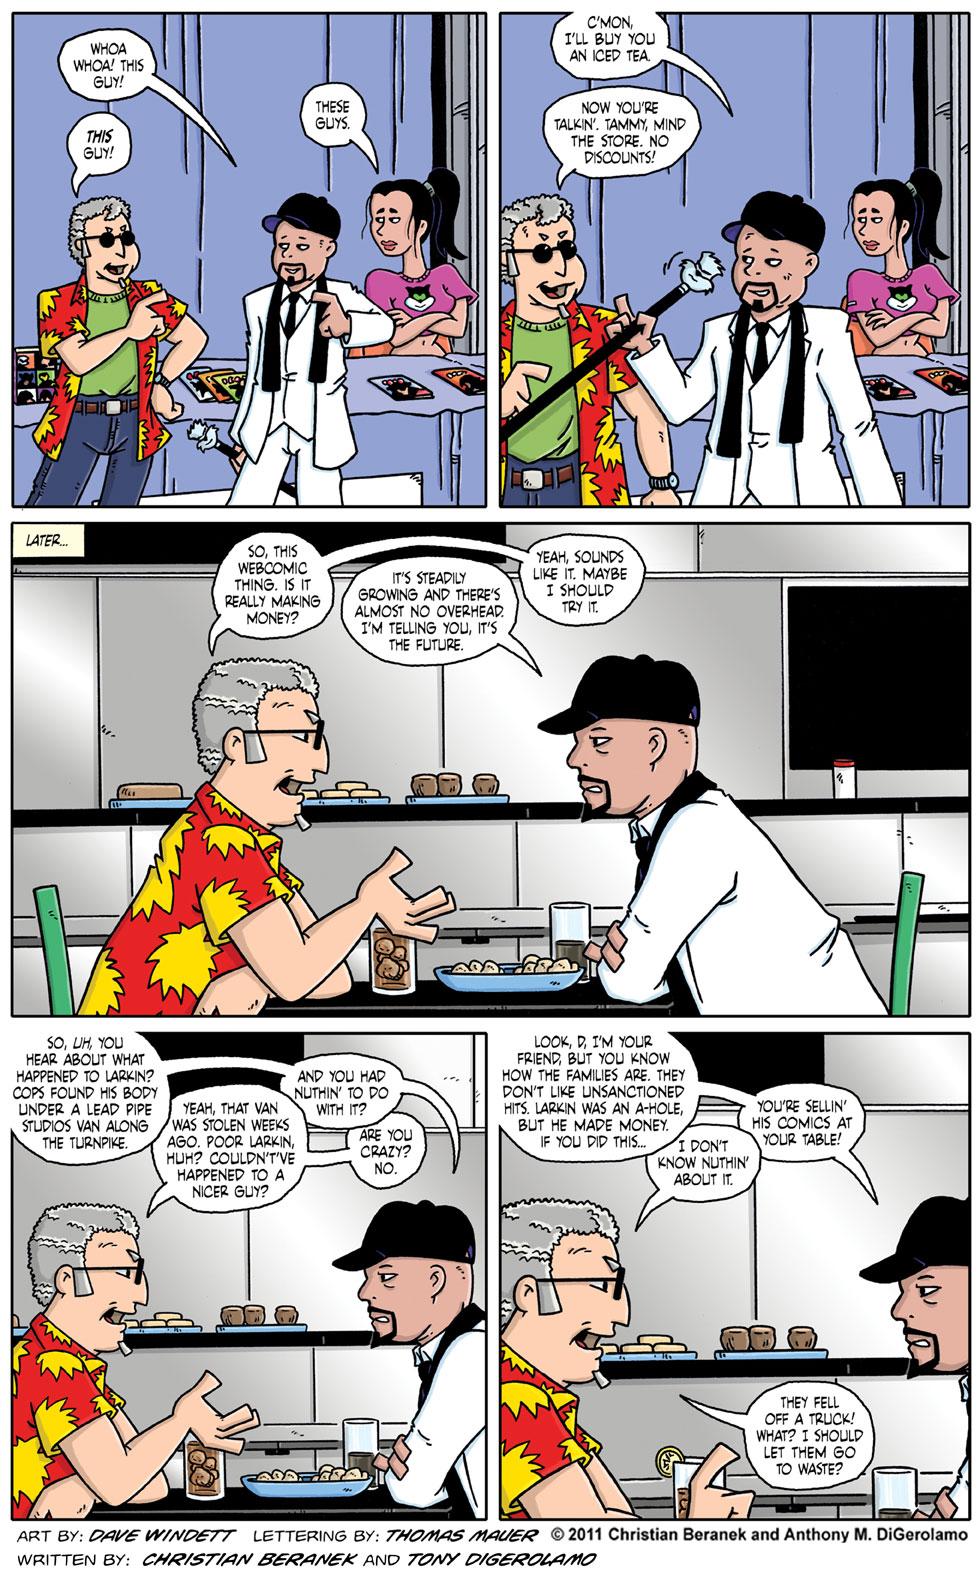 Comic Book Mafia #57:  The Sit Down